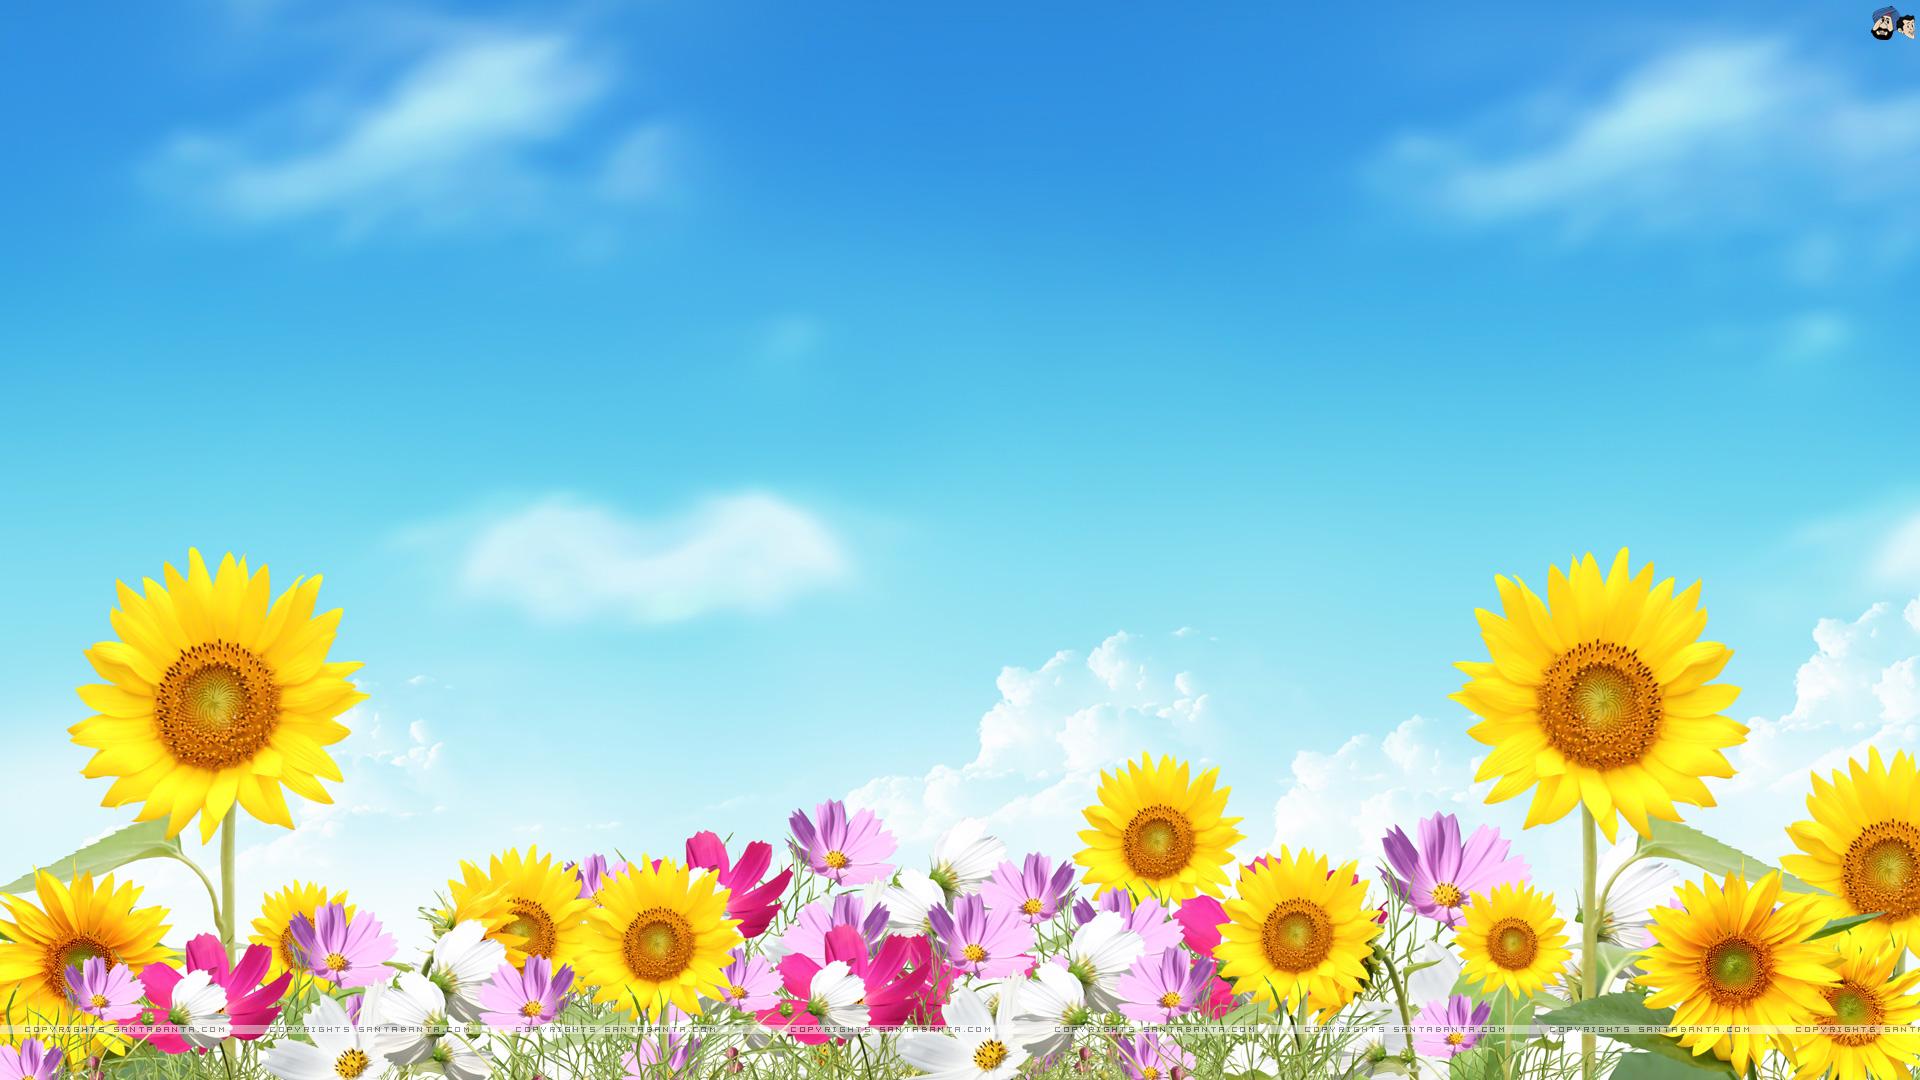 Summer flowers wallpaper 1920x1080